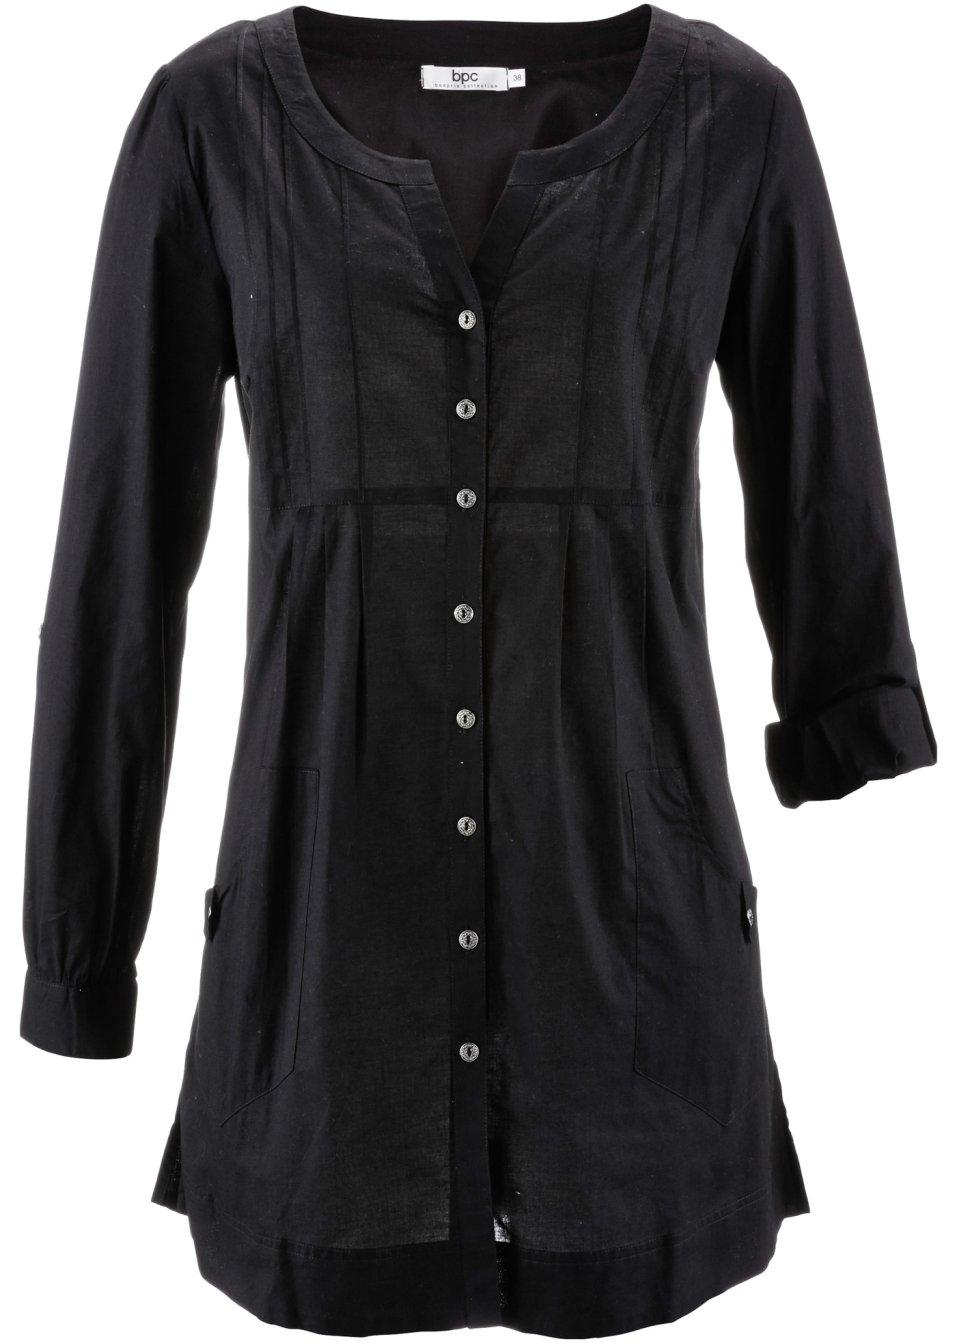 chemisier manches longues noir bpc bonprix collection acheter online. Black Bedroom Furniture Sets. Home Design Ideas